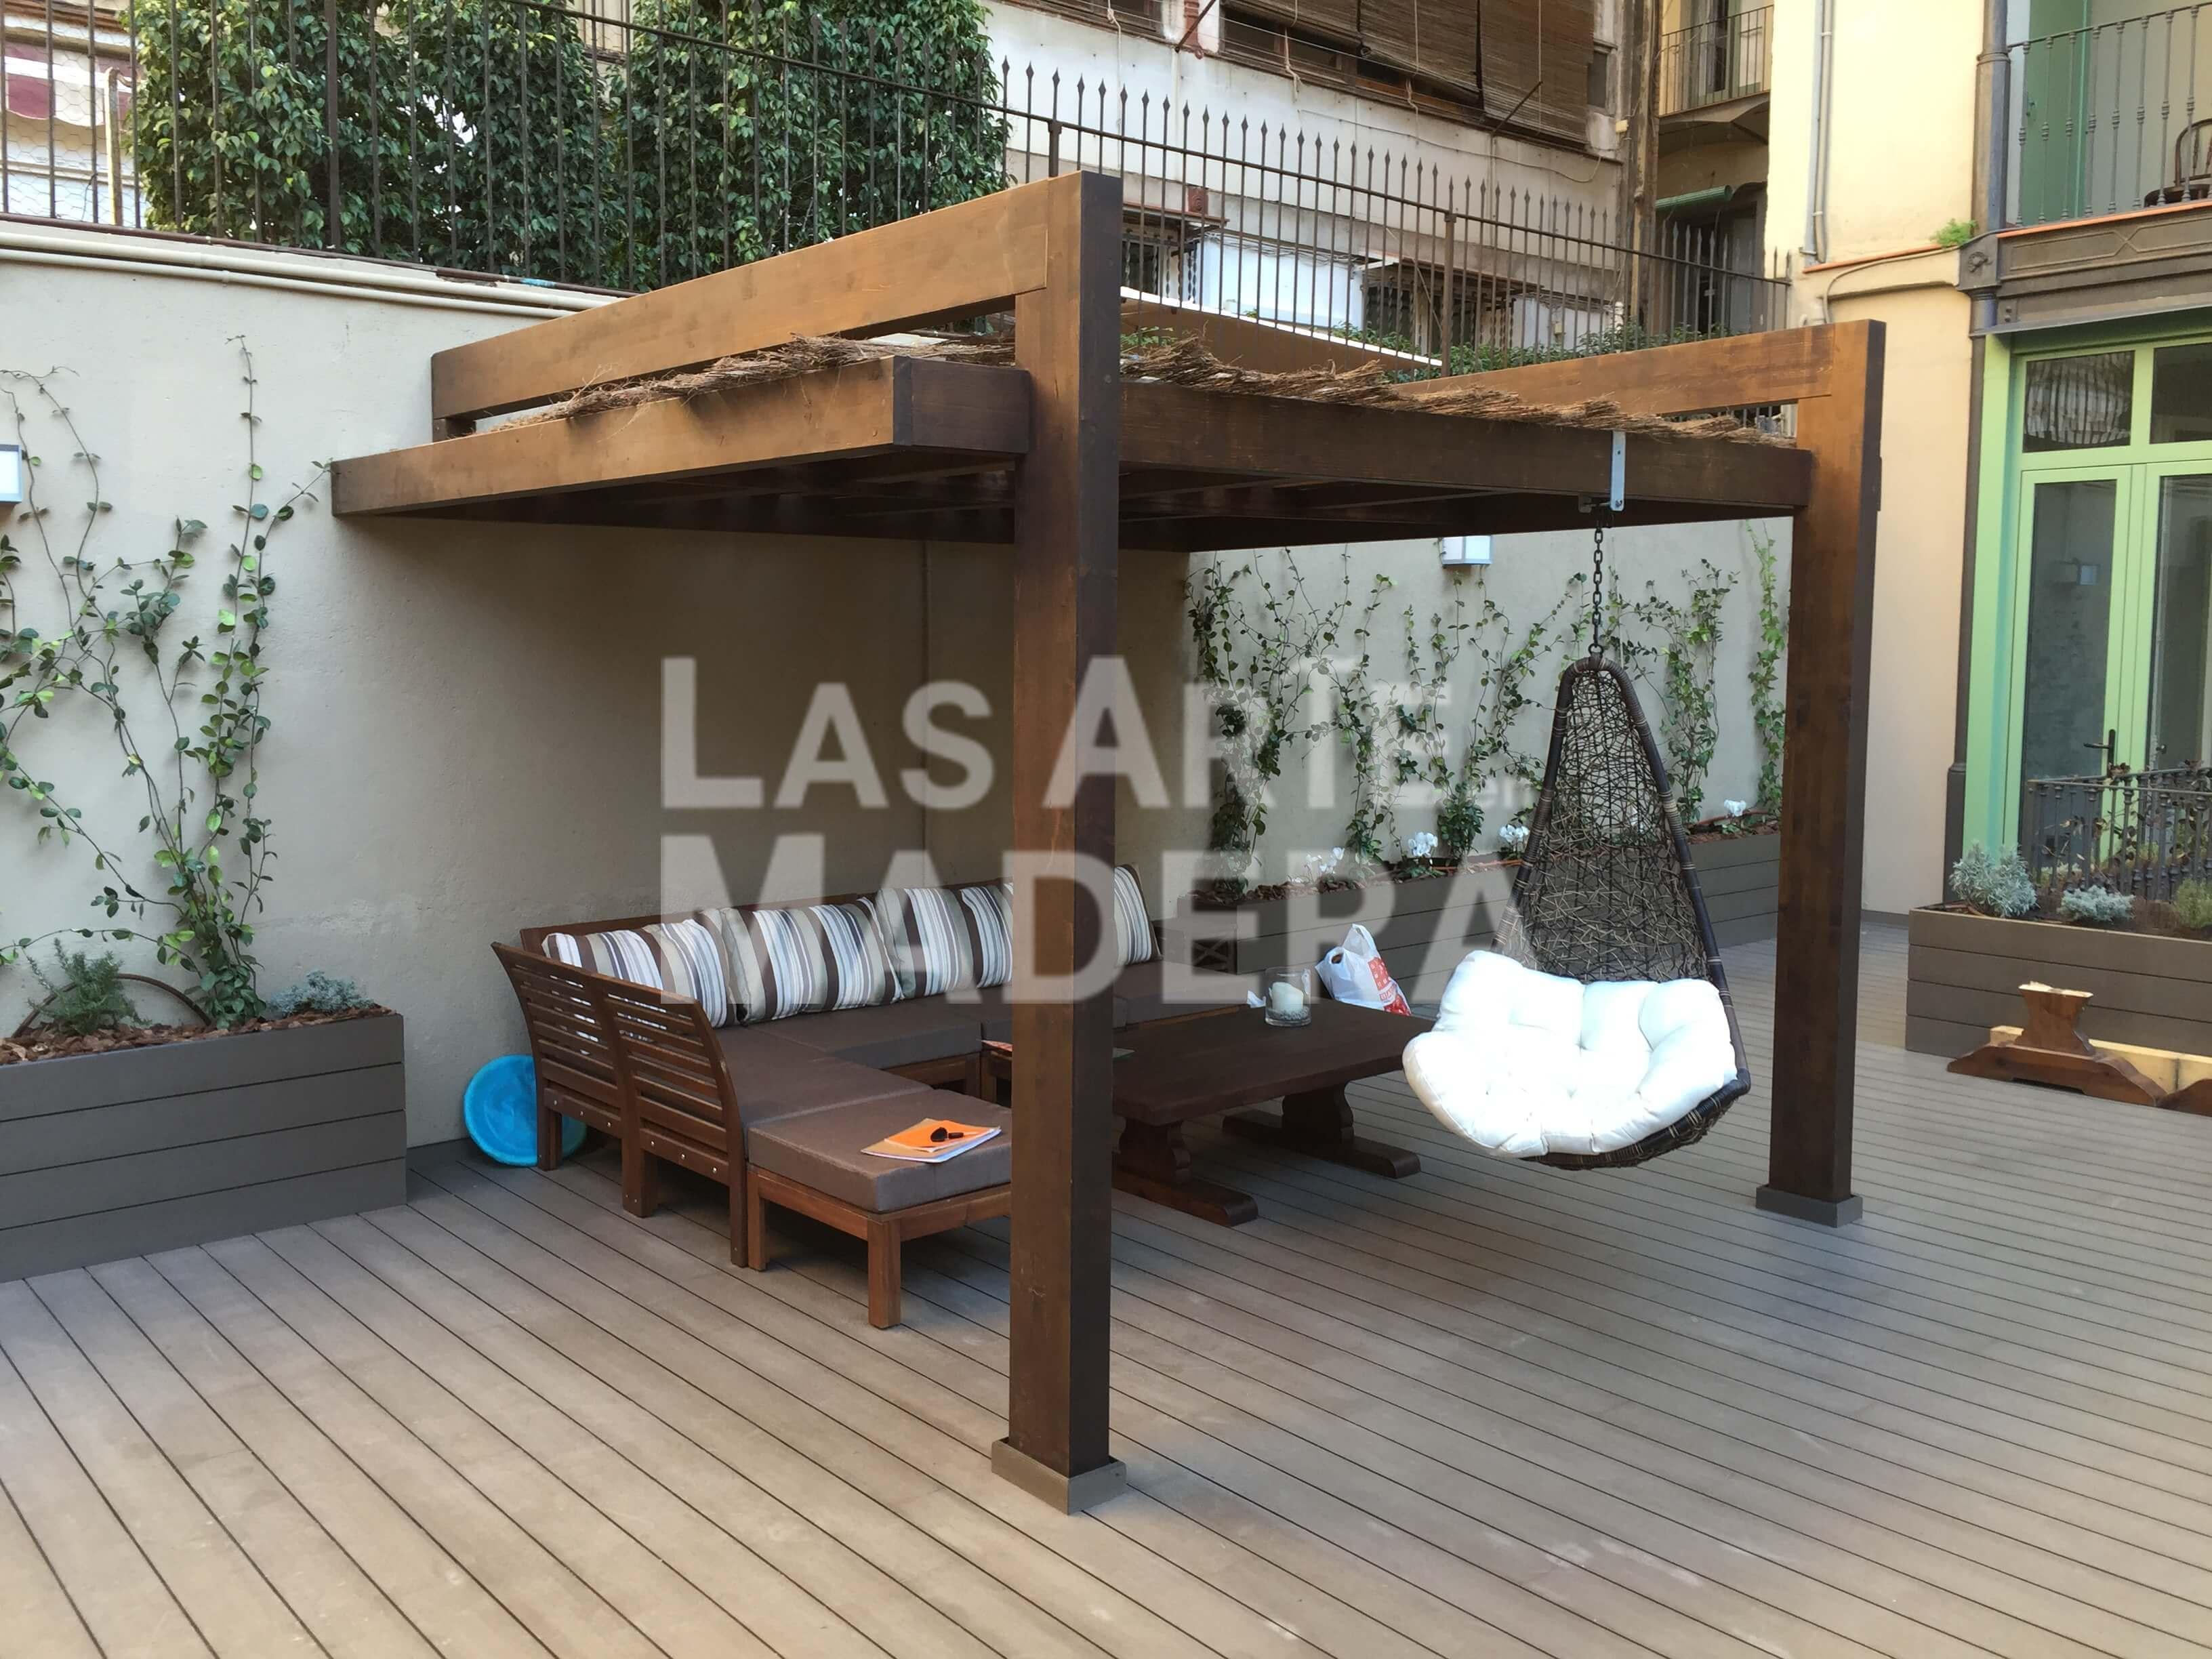 Porches de madera para coches porche de madera con cubierta a dos aguas with porches de madera - Porches para coches ...